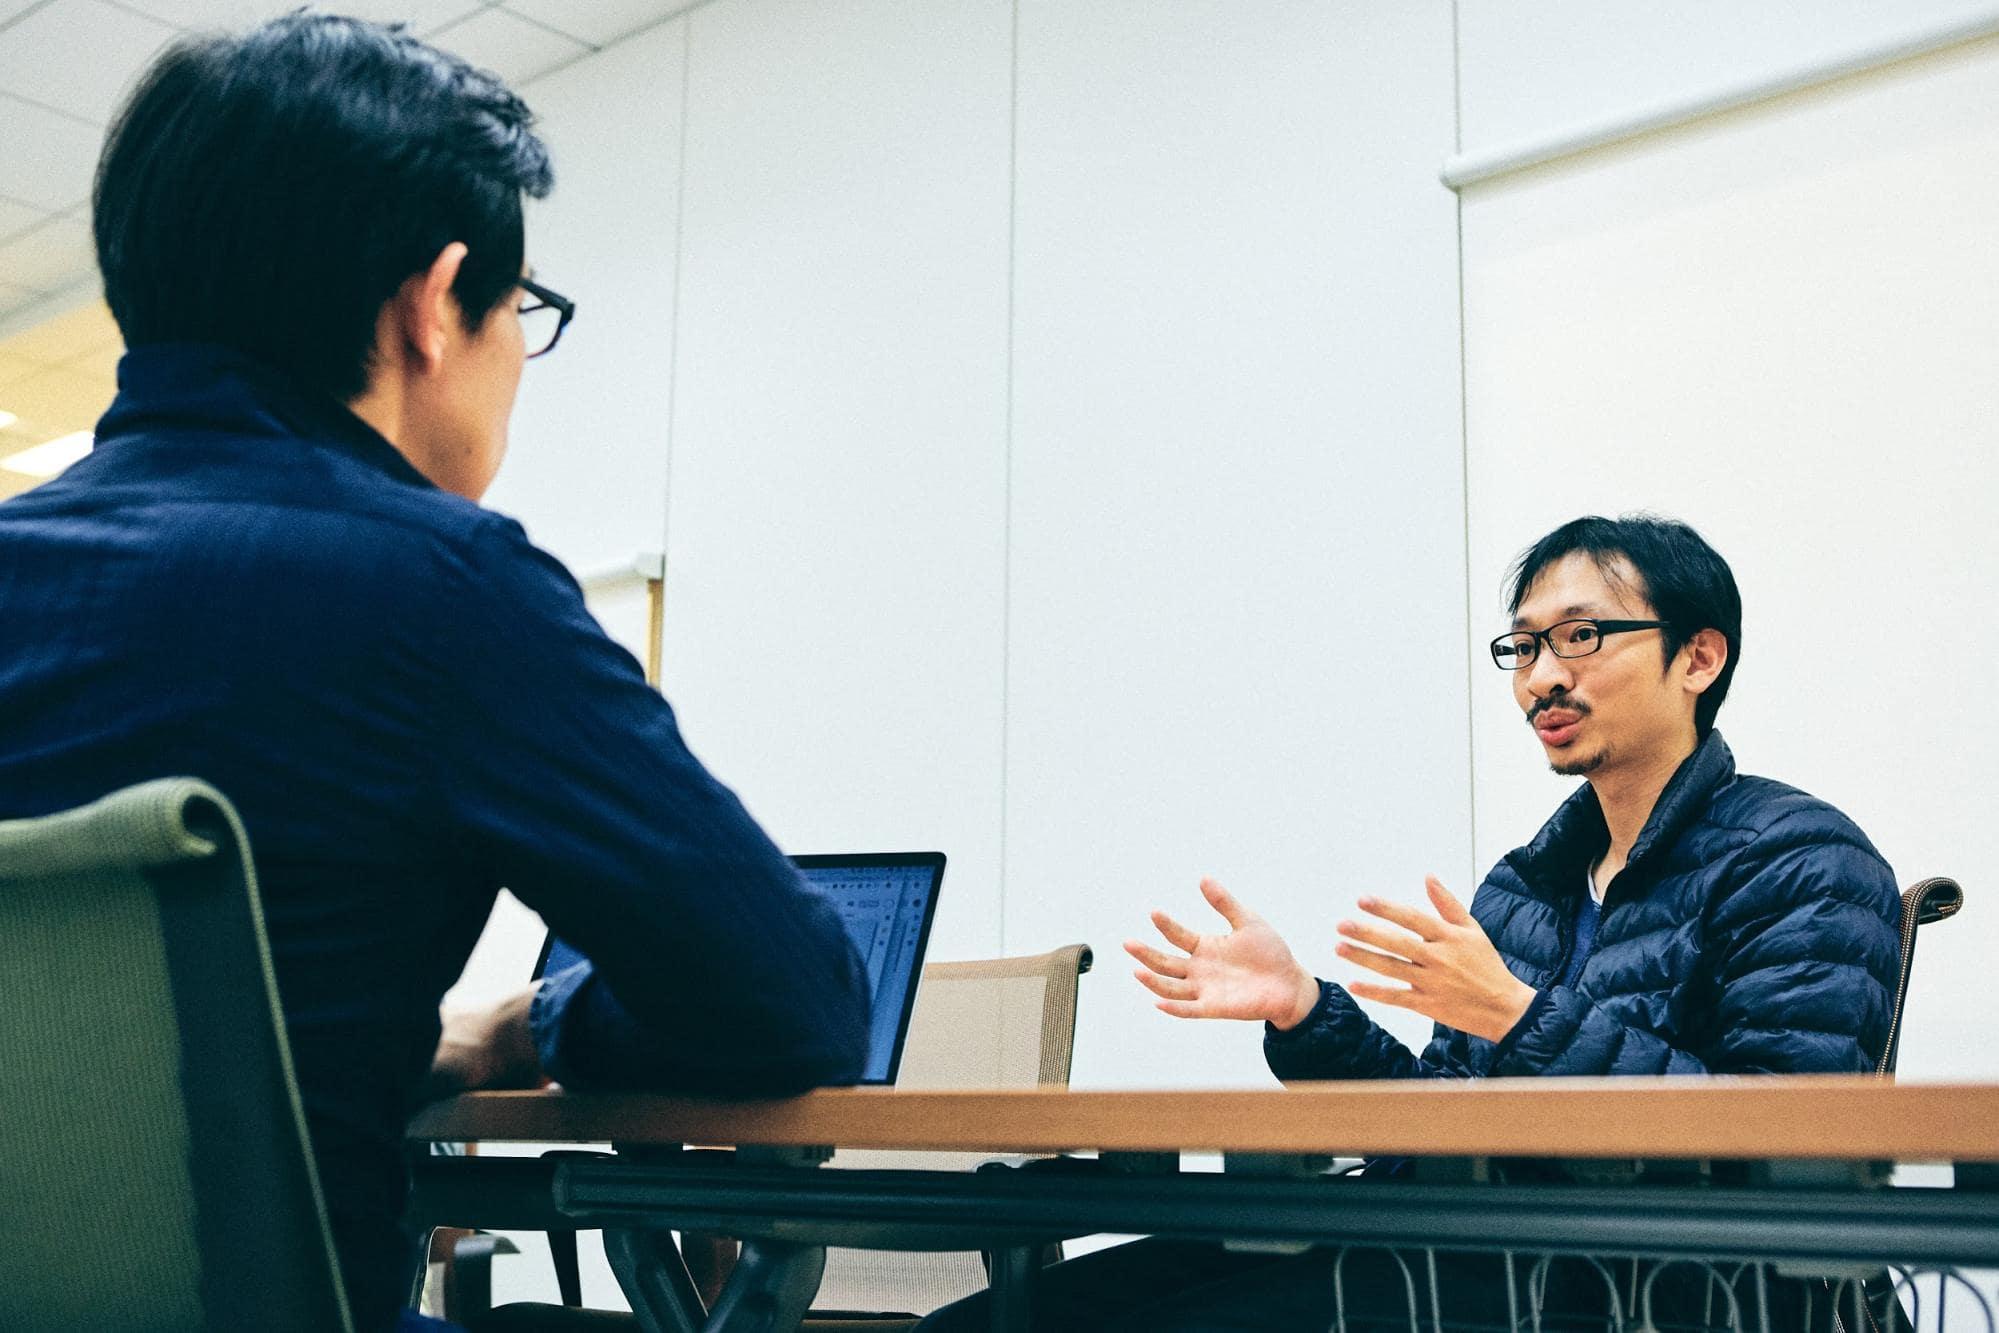 日本の起業家は「会社を閉じない」